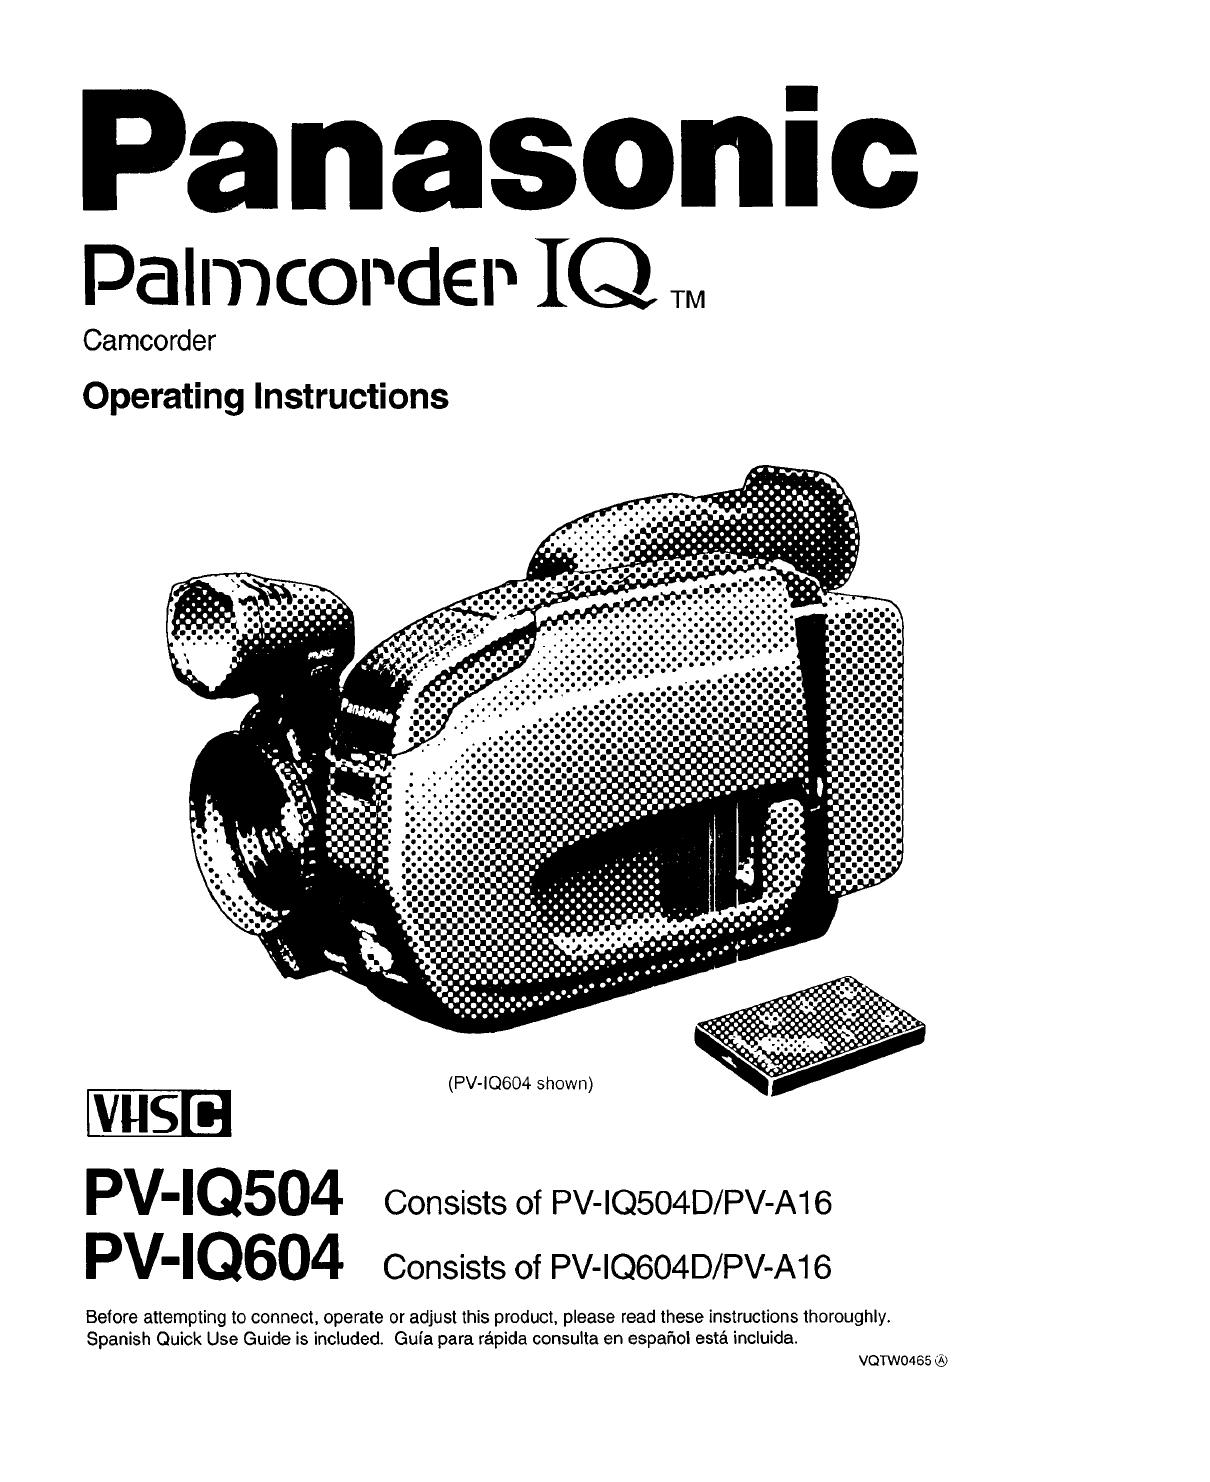 Panasonic Compact Vhs C Camcorder Manual 97100148